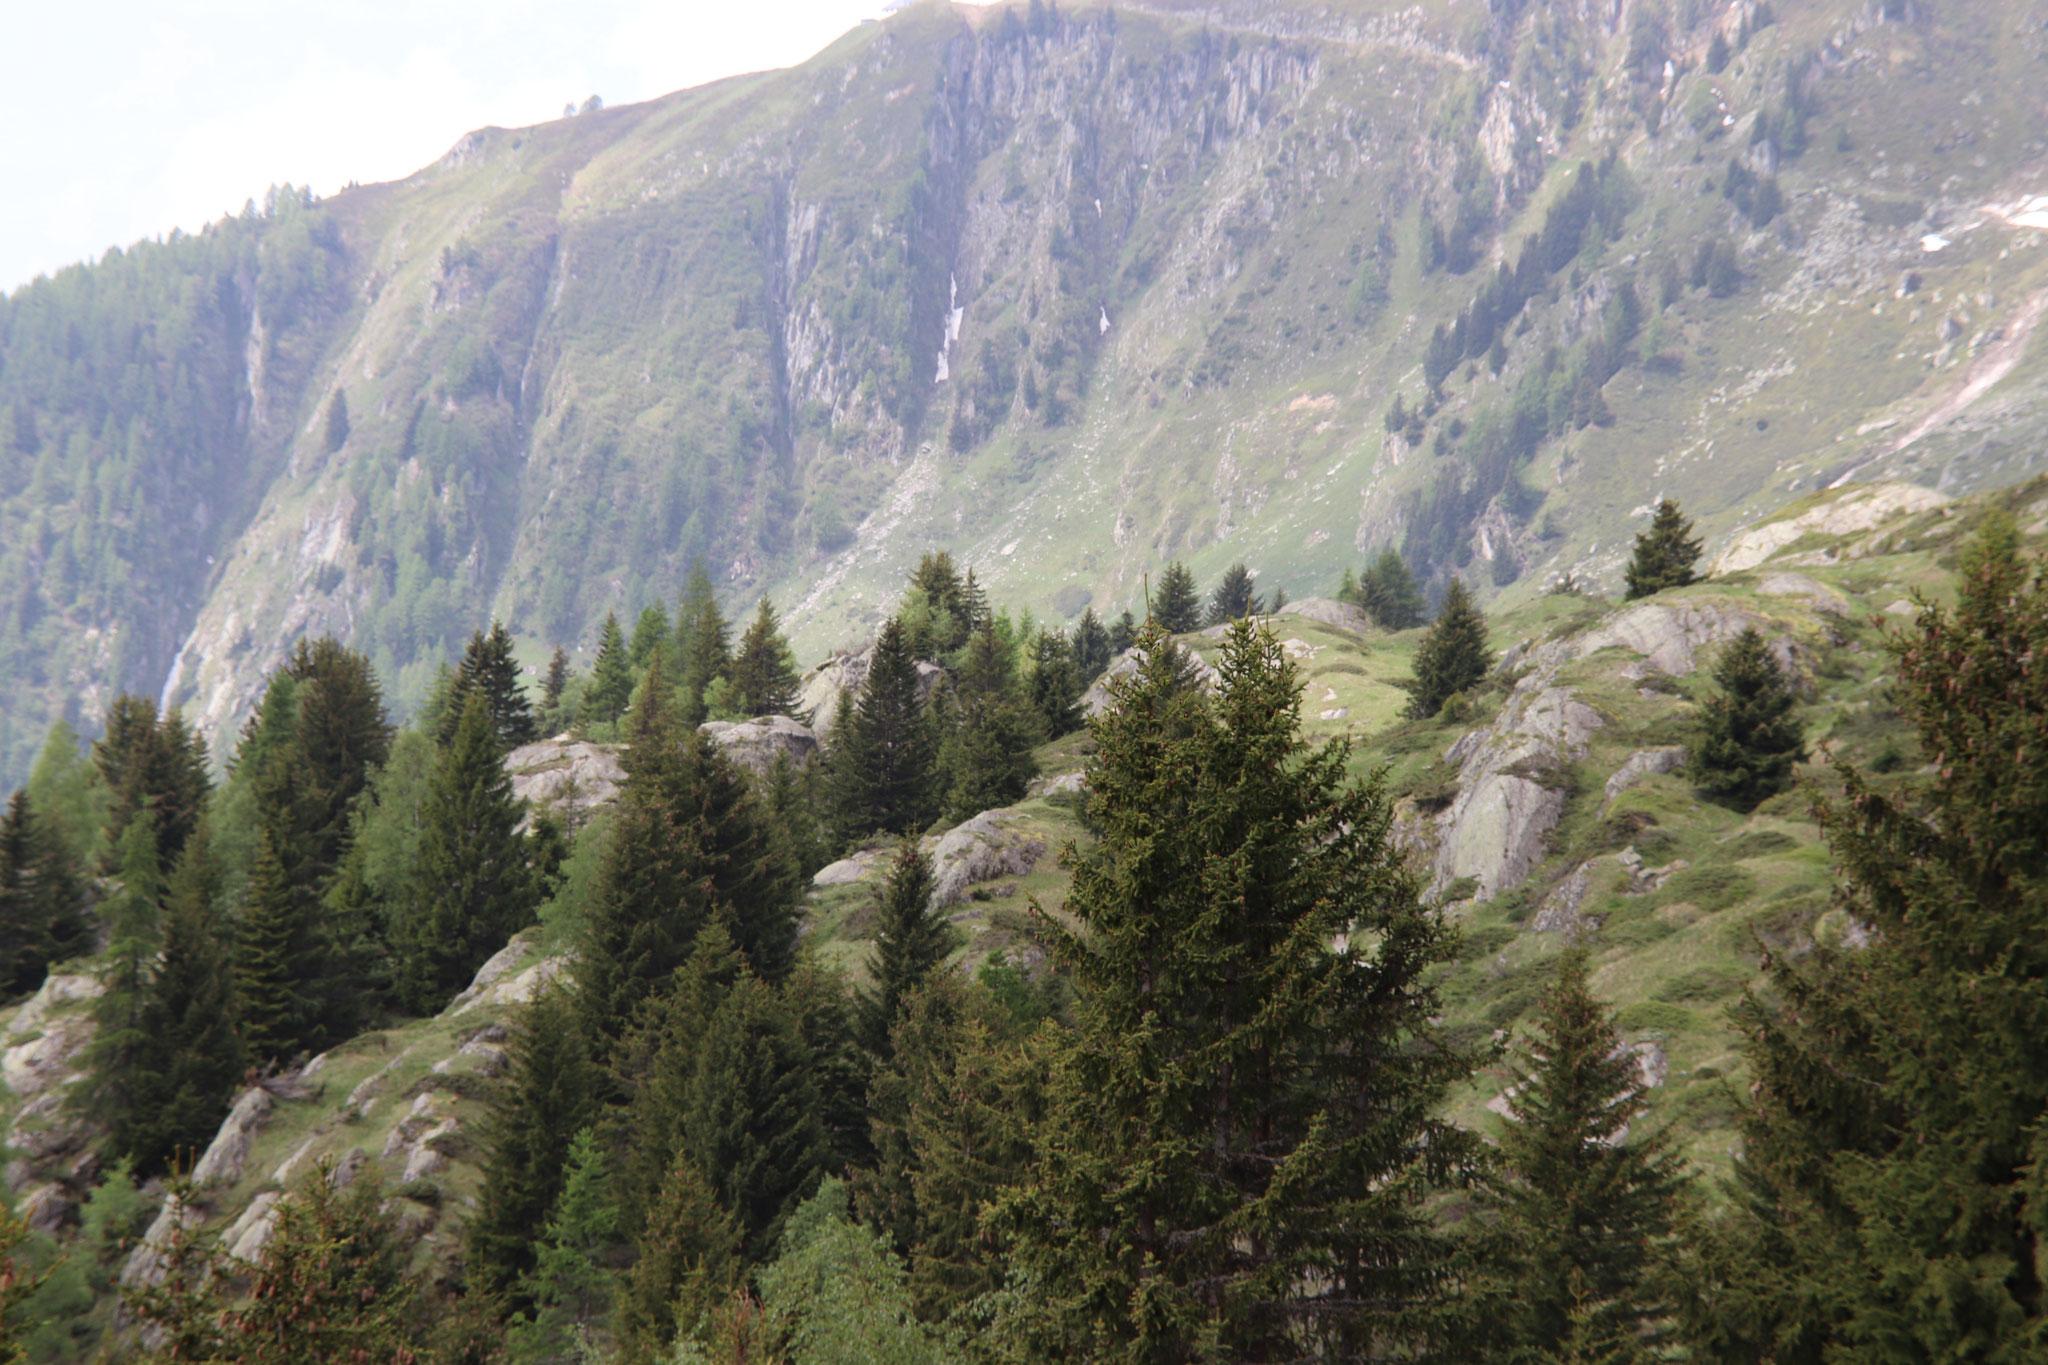 Daheim in den bergen fortsetzung teil 5